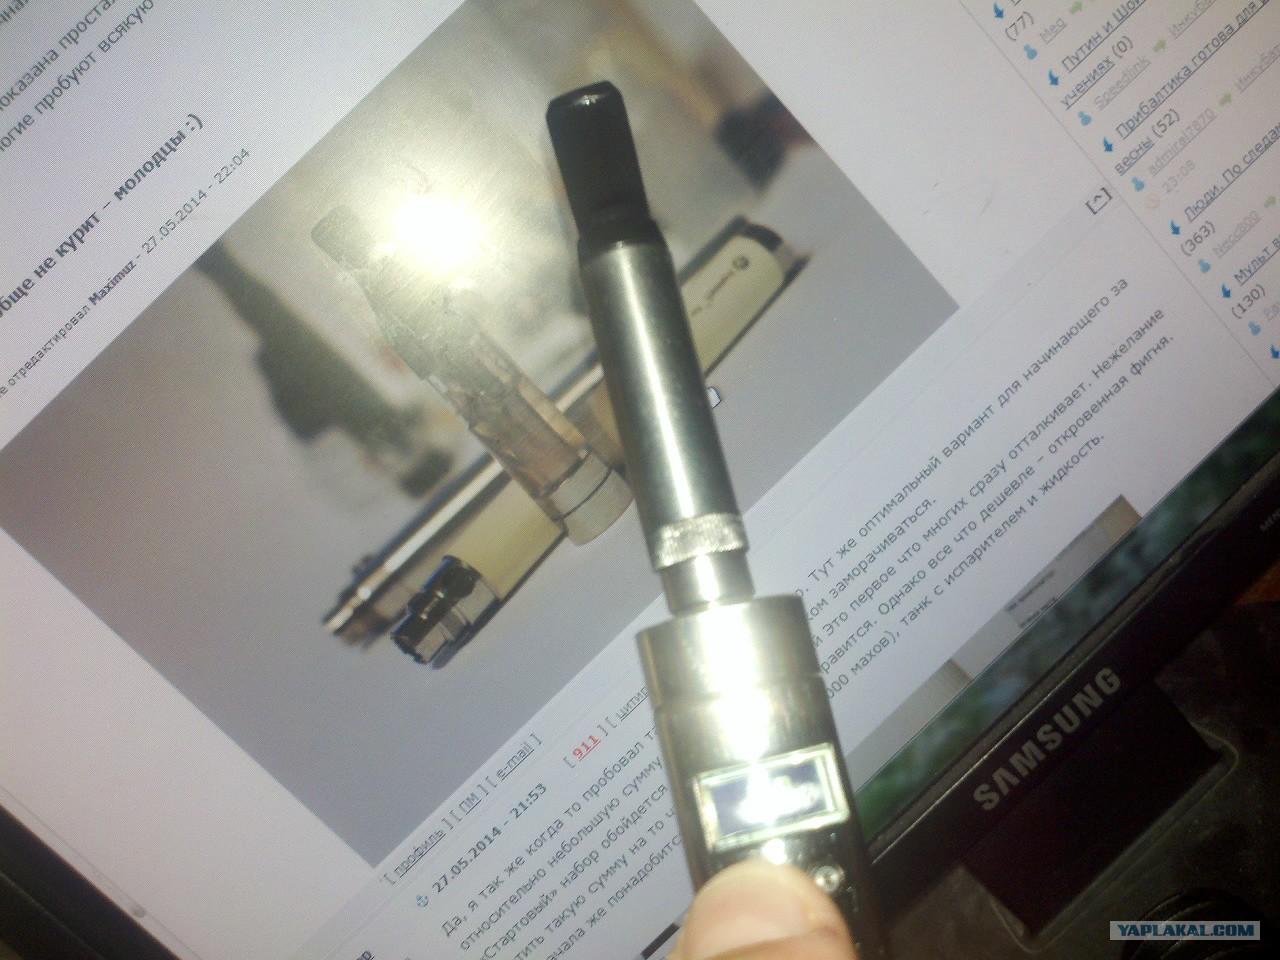 Электронные сигареты купить новокуйбышевск сигареты магна где можно купить